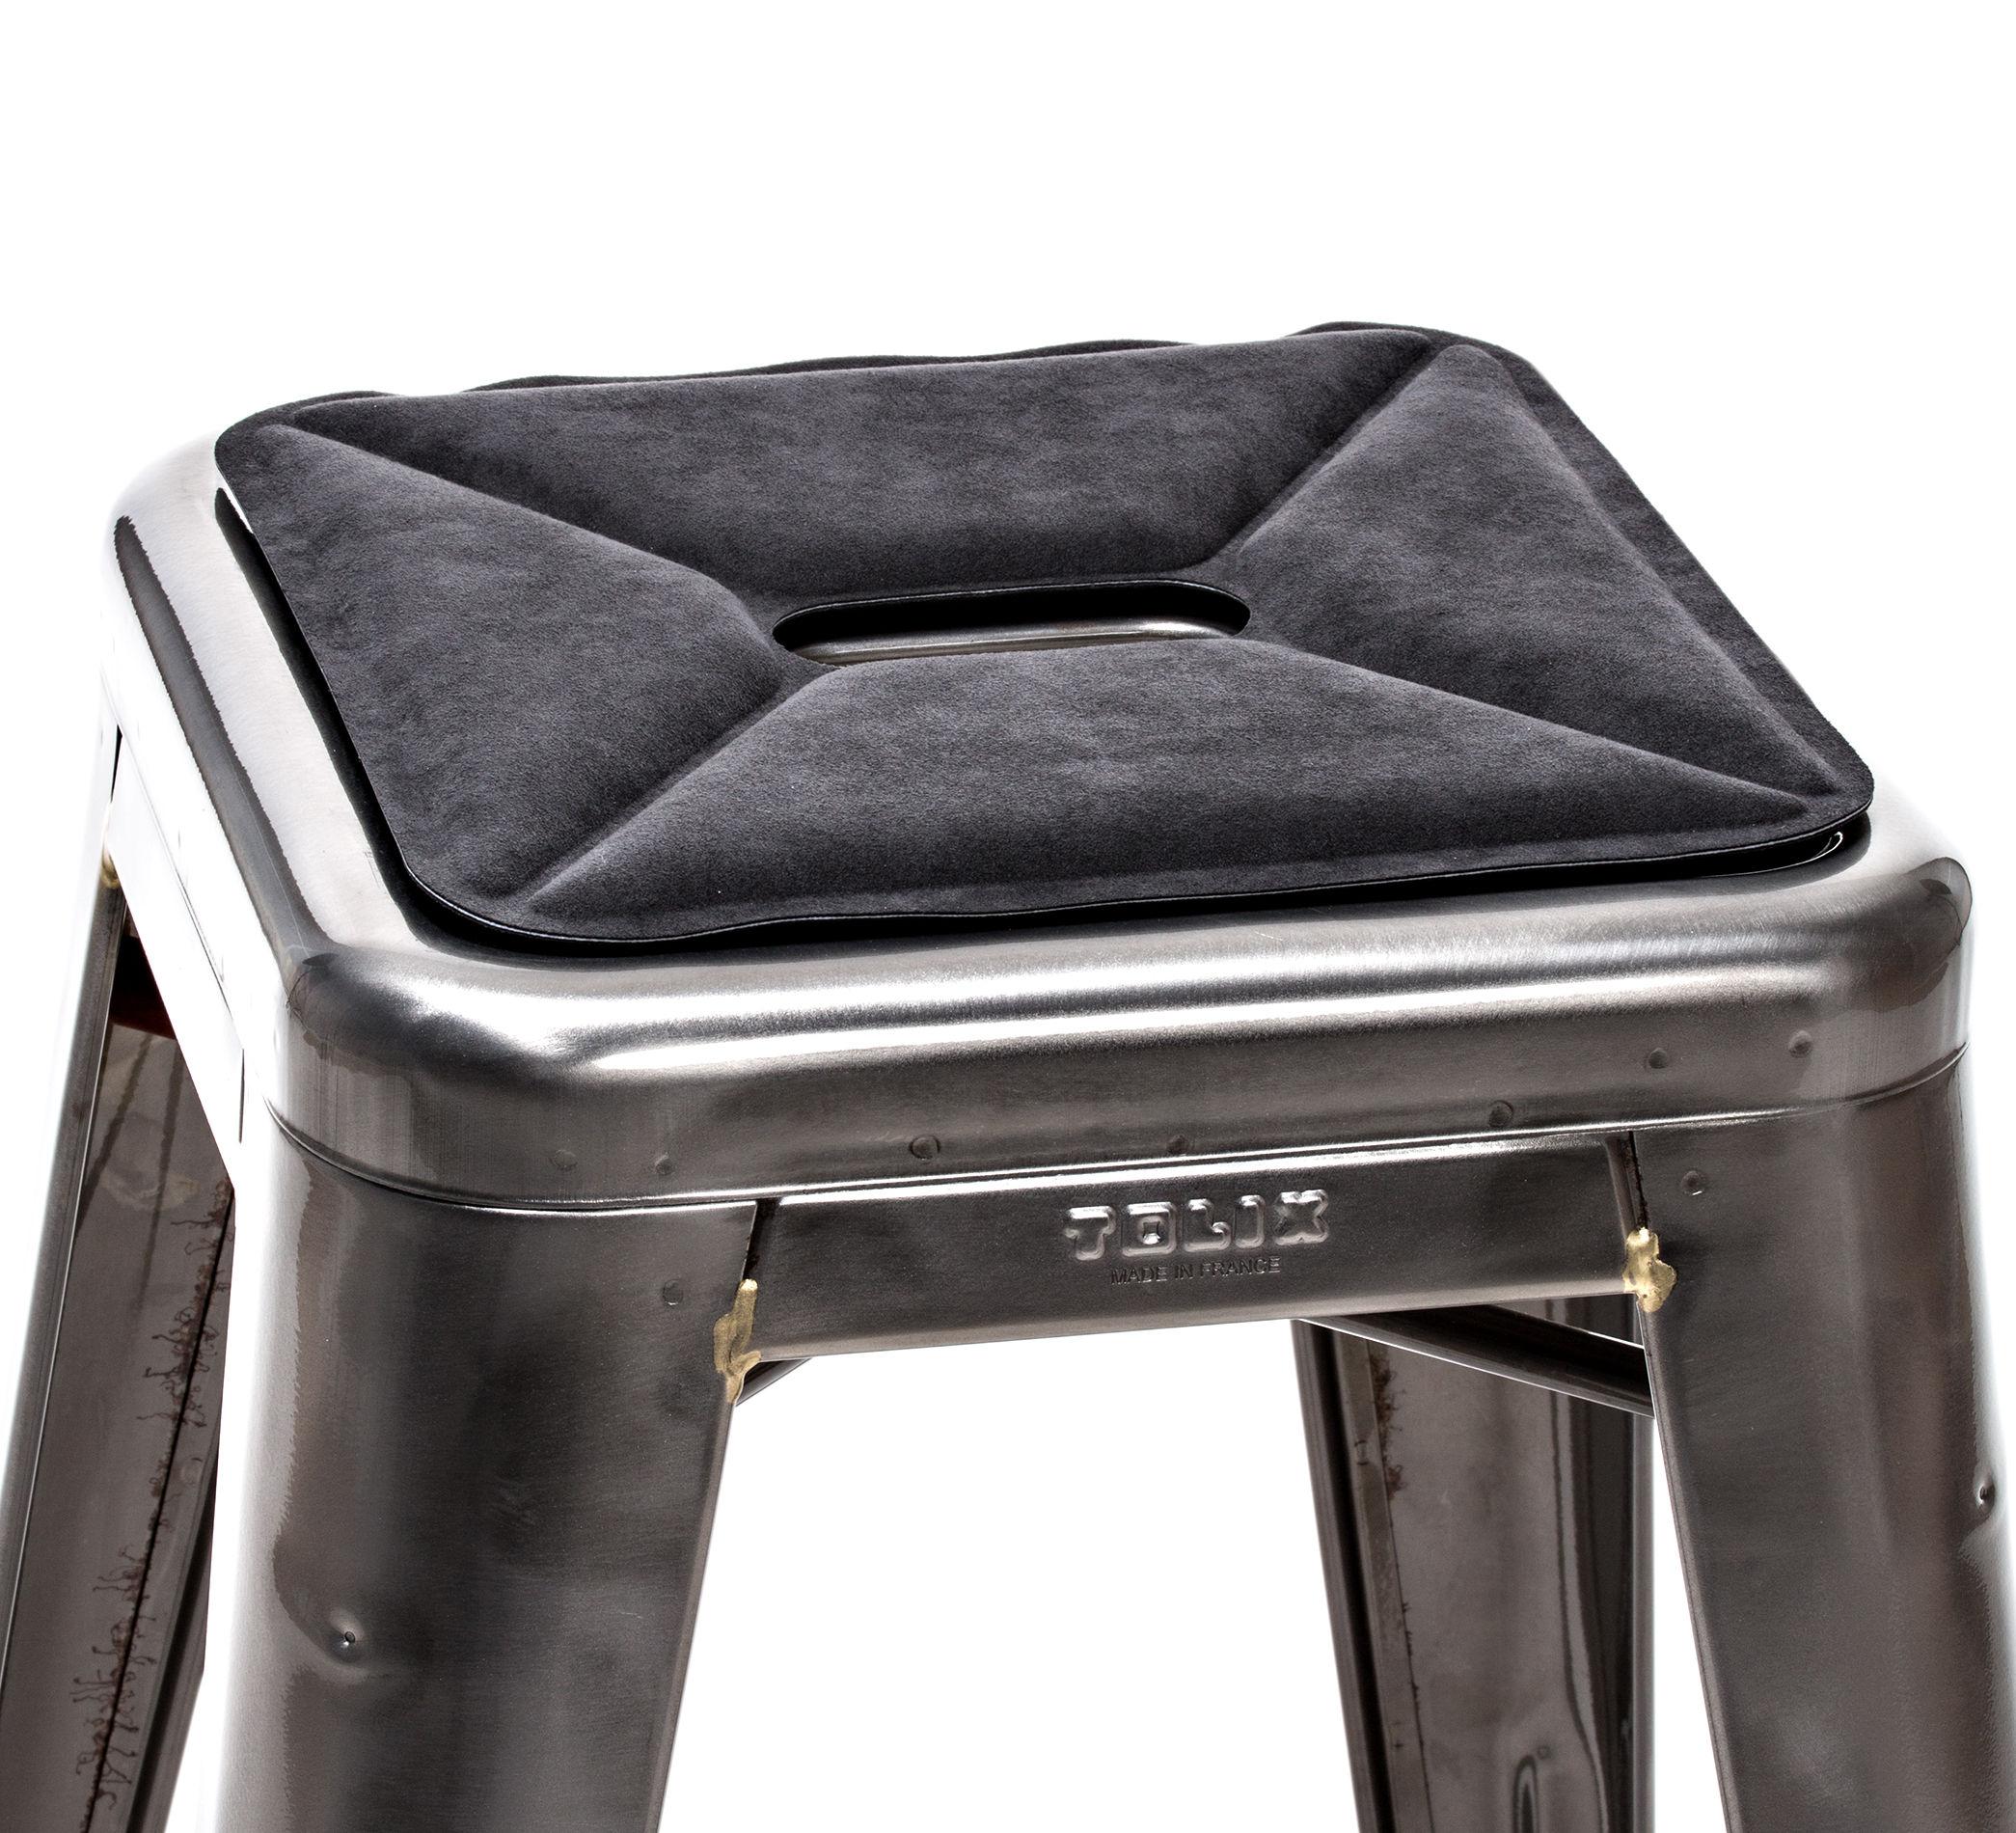 mit magnethalterung f r hocker tolix sitzkissen. Black Bedroom Furniture Sets. Home Design Ideas